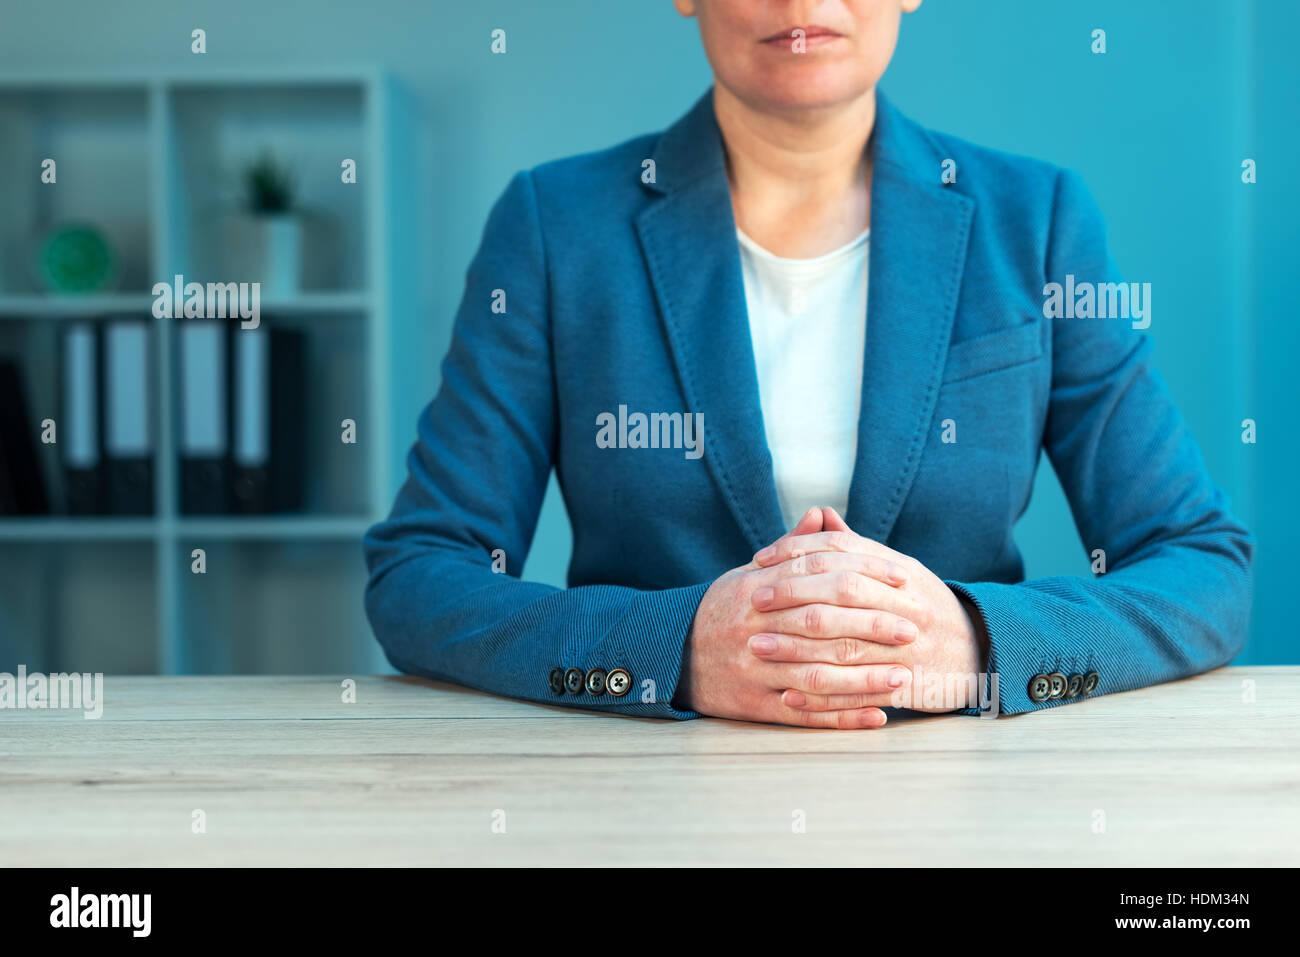 Habilidades de negociación comercial con ejecutivo femenino sentado en la oficina con confiada pose y manos Imagen De Stock